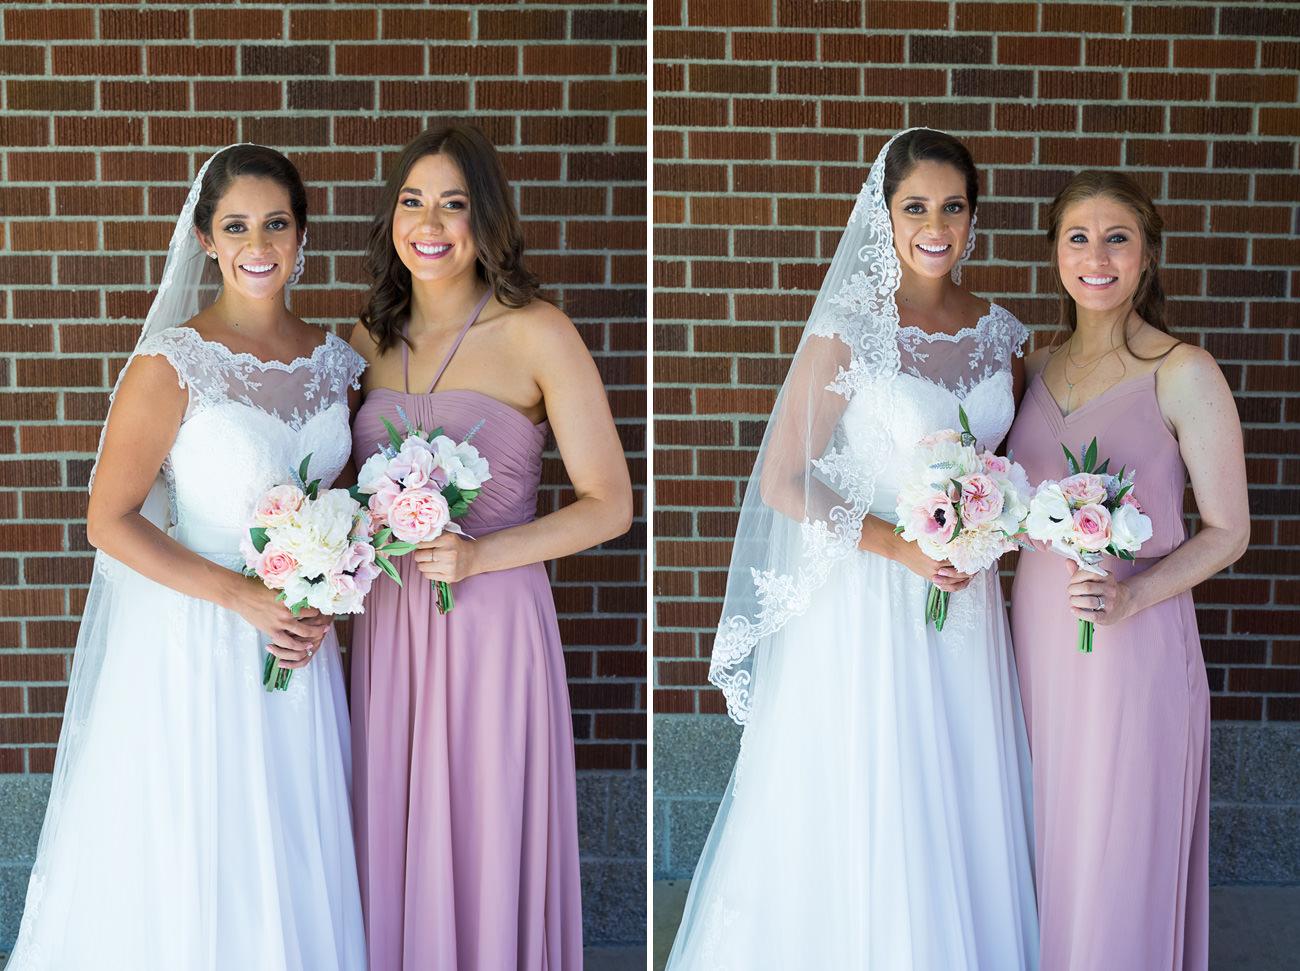 st-marys-catholic-wedding-45 St Marys Catholic Wedding   Eugene Oregon Photographer   Ariana & Chavo